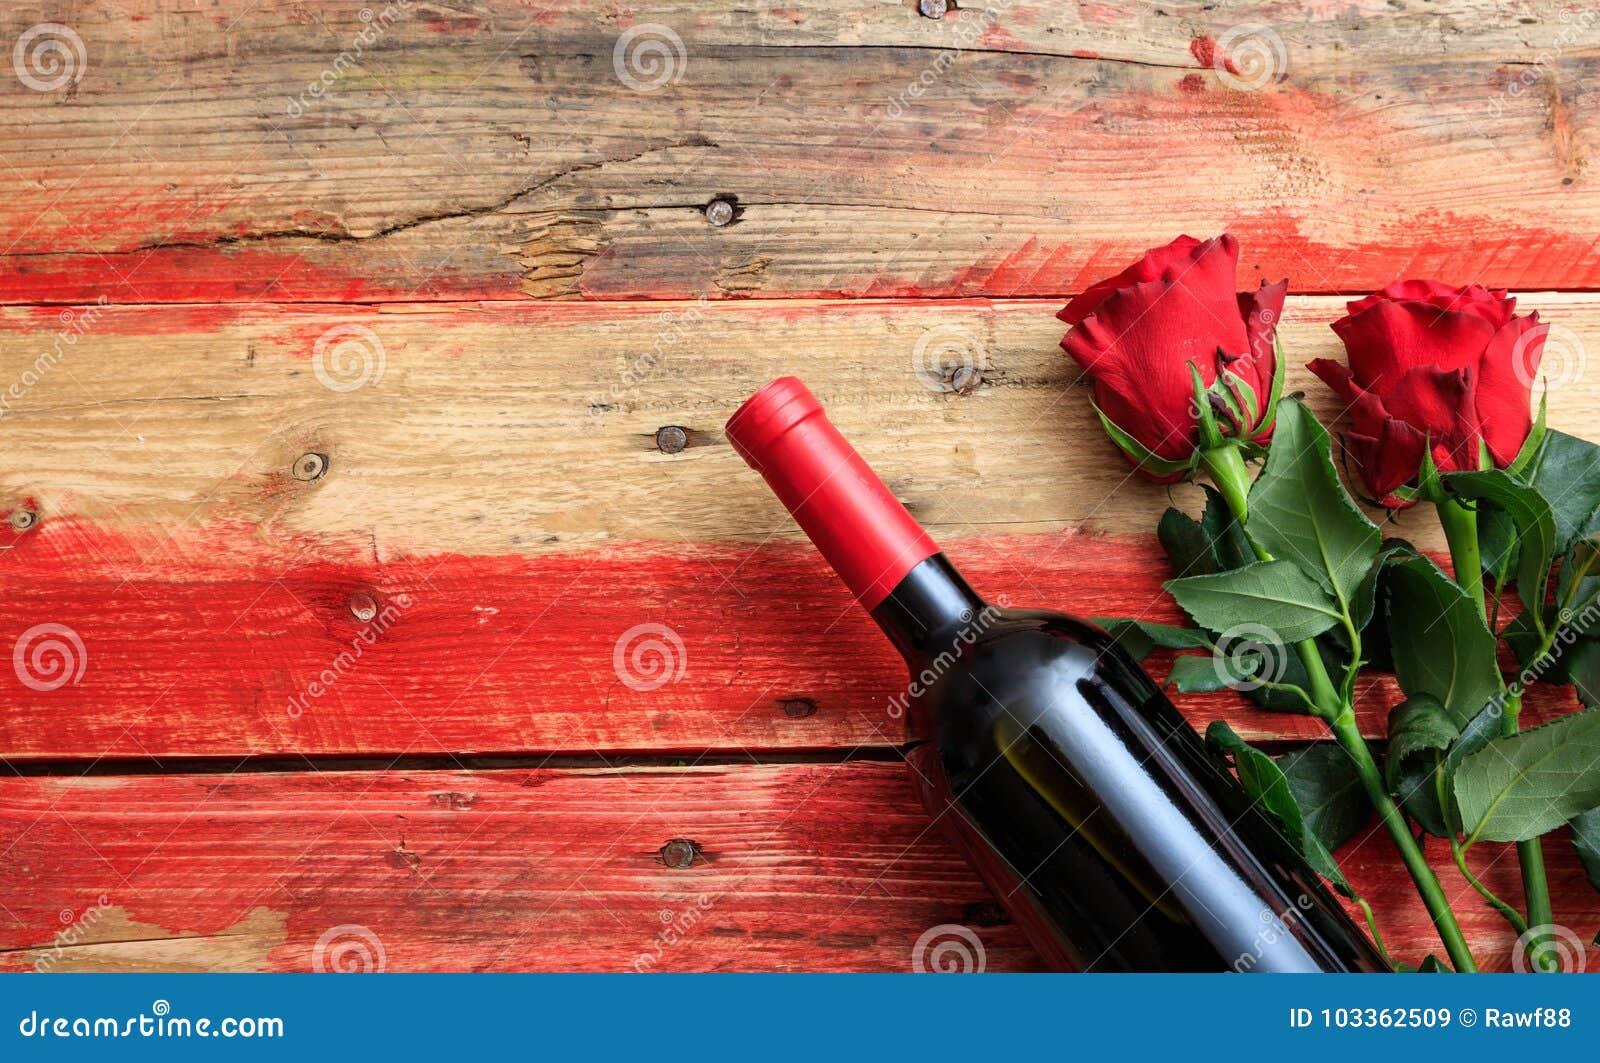 红色上升了 红葡萄酒瓶和英国兰开斯特家族族徽在木背景